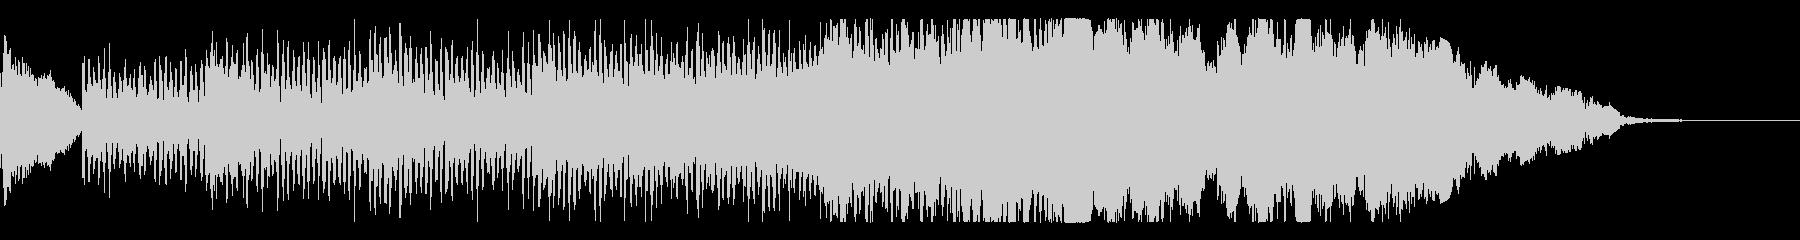 緊張感ある弦のシーケンスとオーケストラの未再生の波形